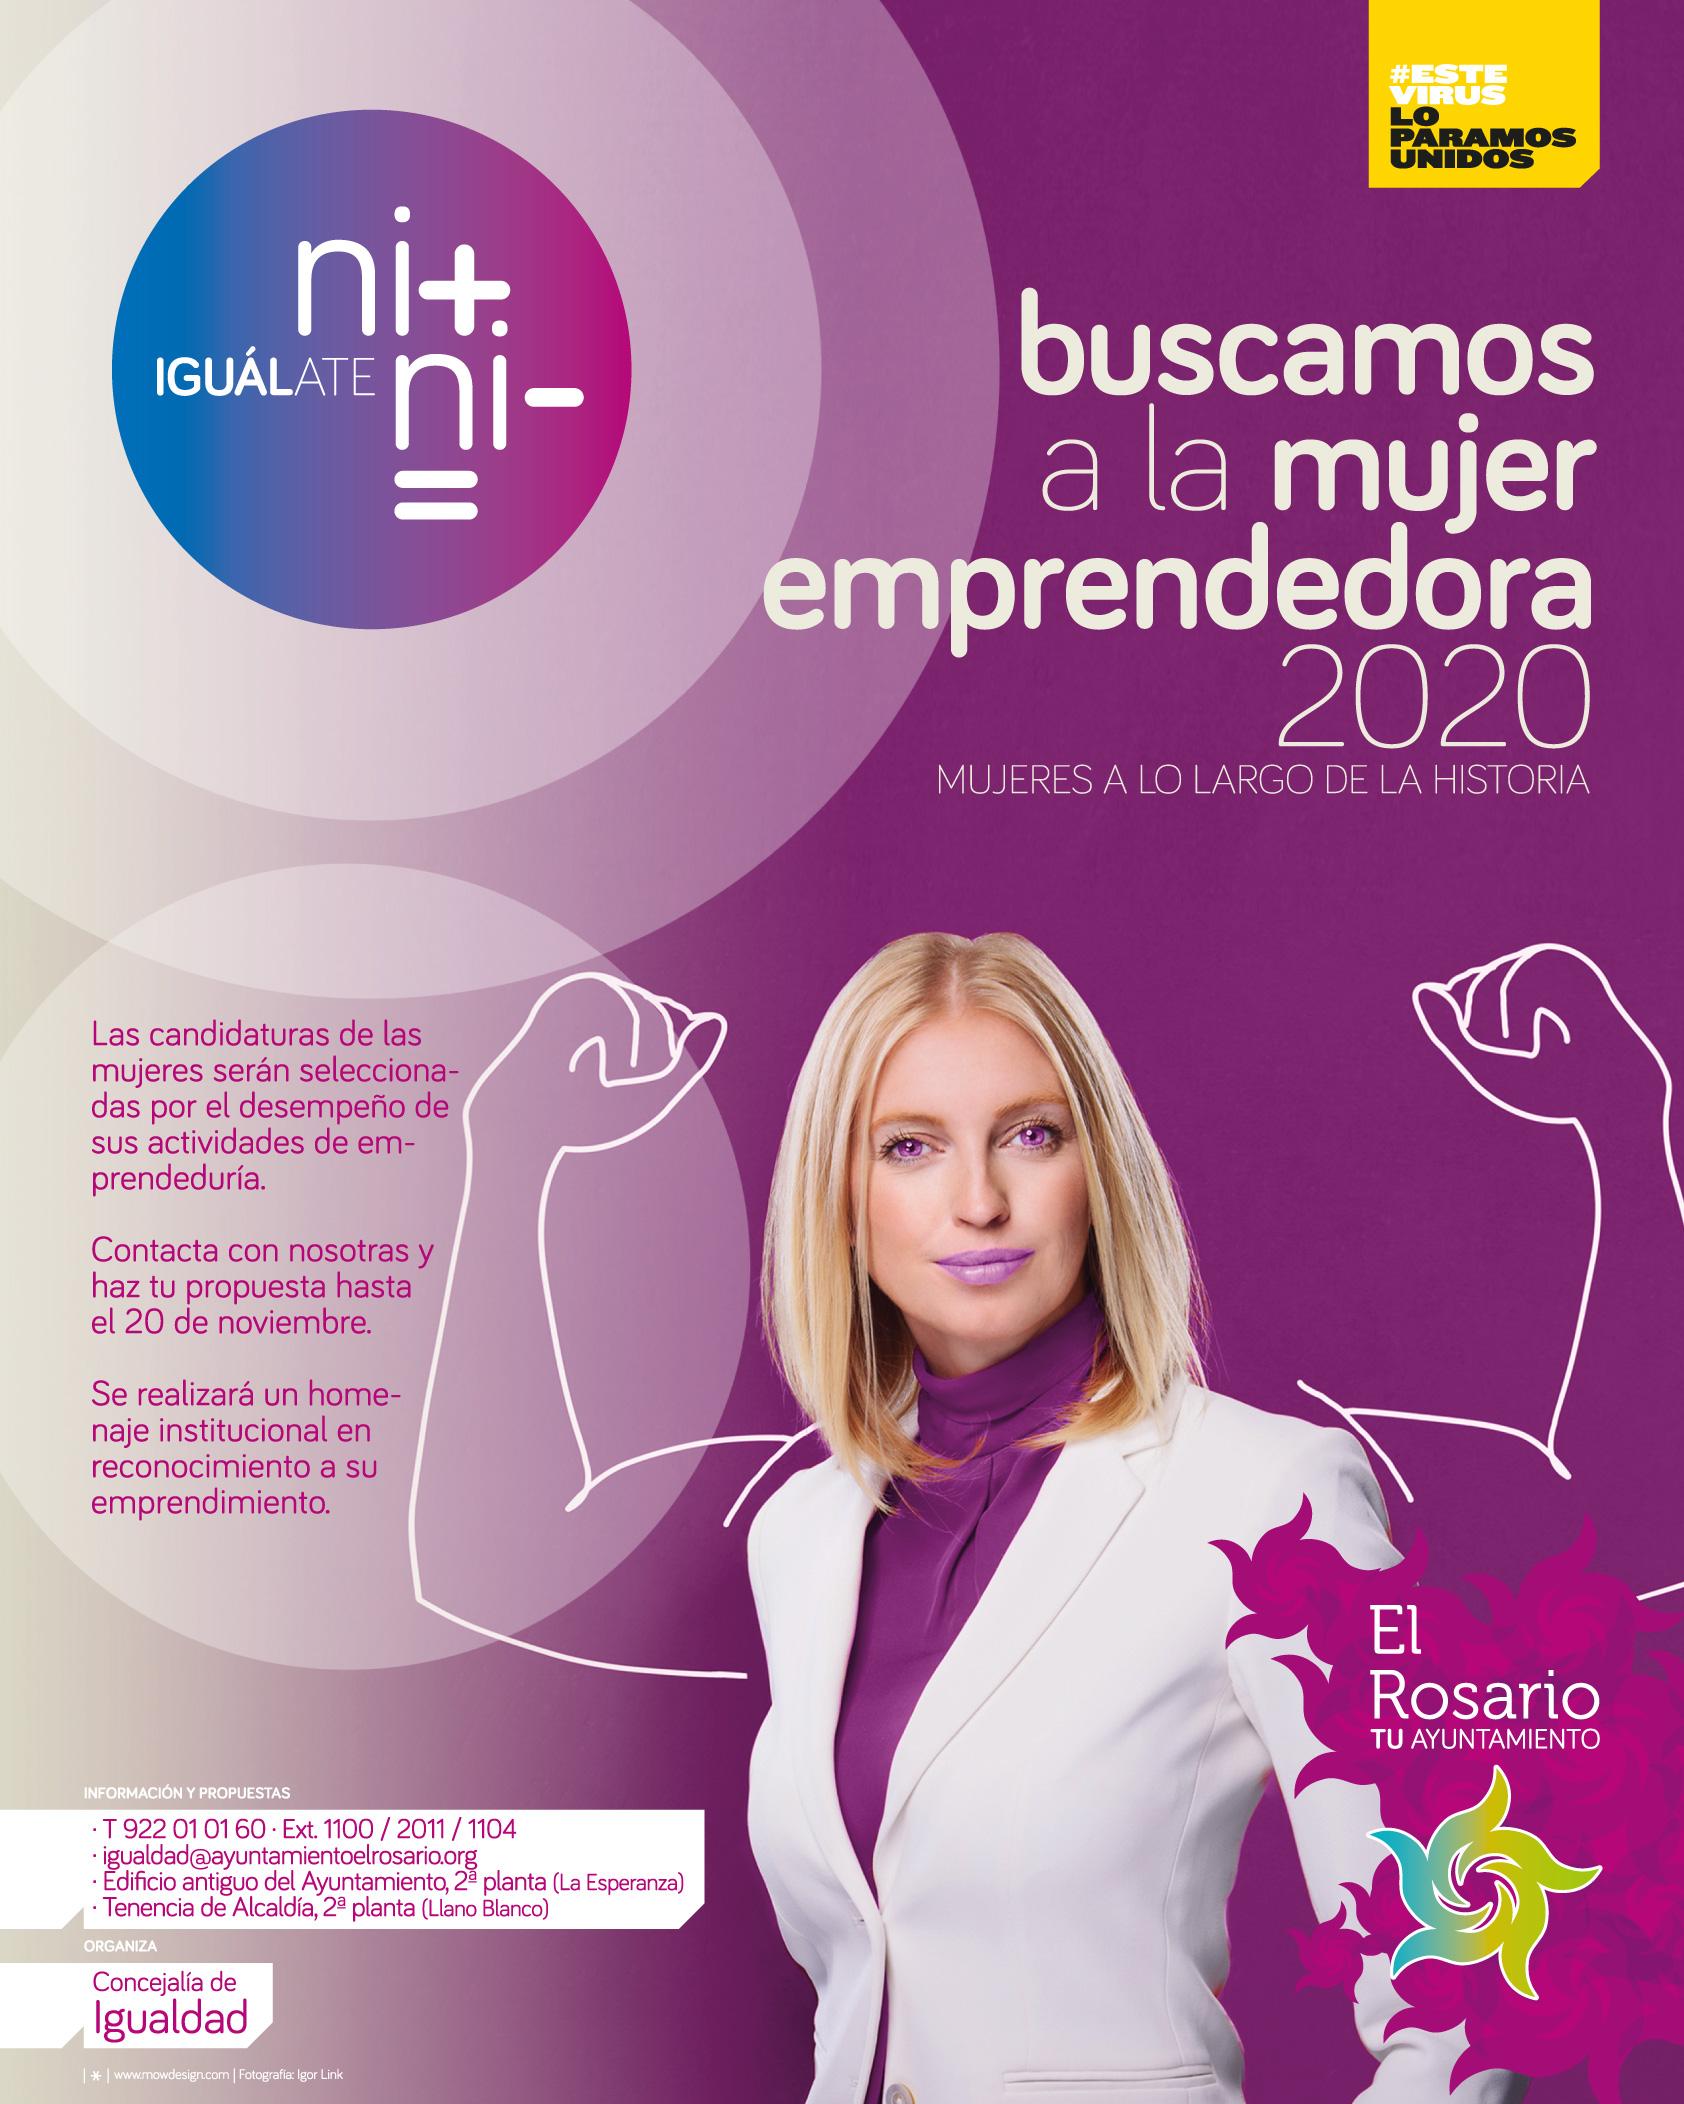 MUJER_EMPRENDEDORA-busqueda-20201109-CARTEL_A3-20201110-01af-redes